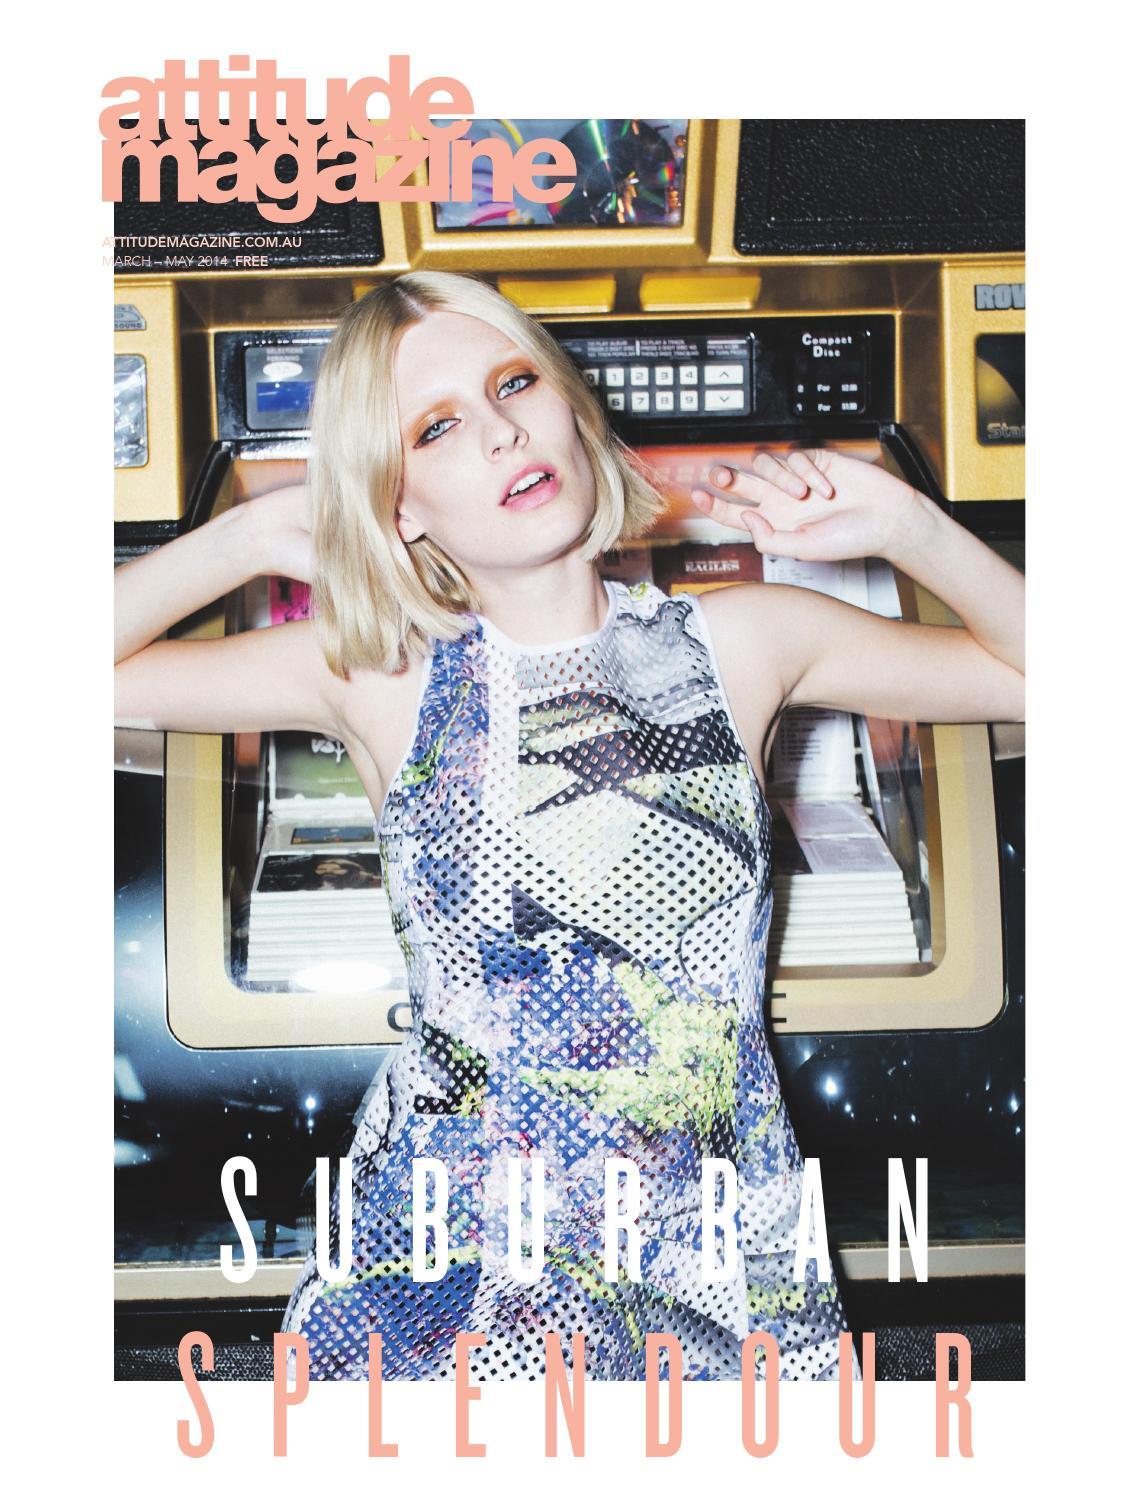 aa24ea71e Attitude Fashion Magazine - Autumn Edition by Rip It Up Publishing - issuu